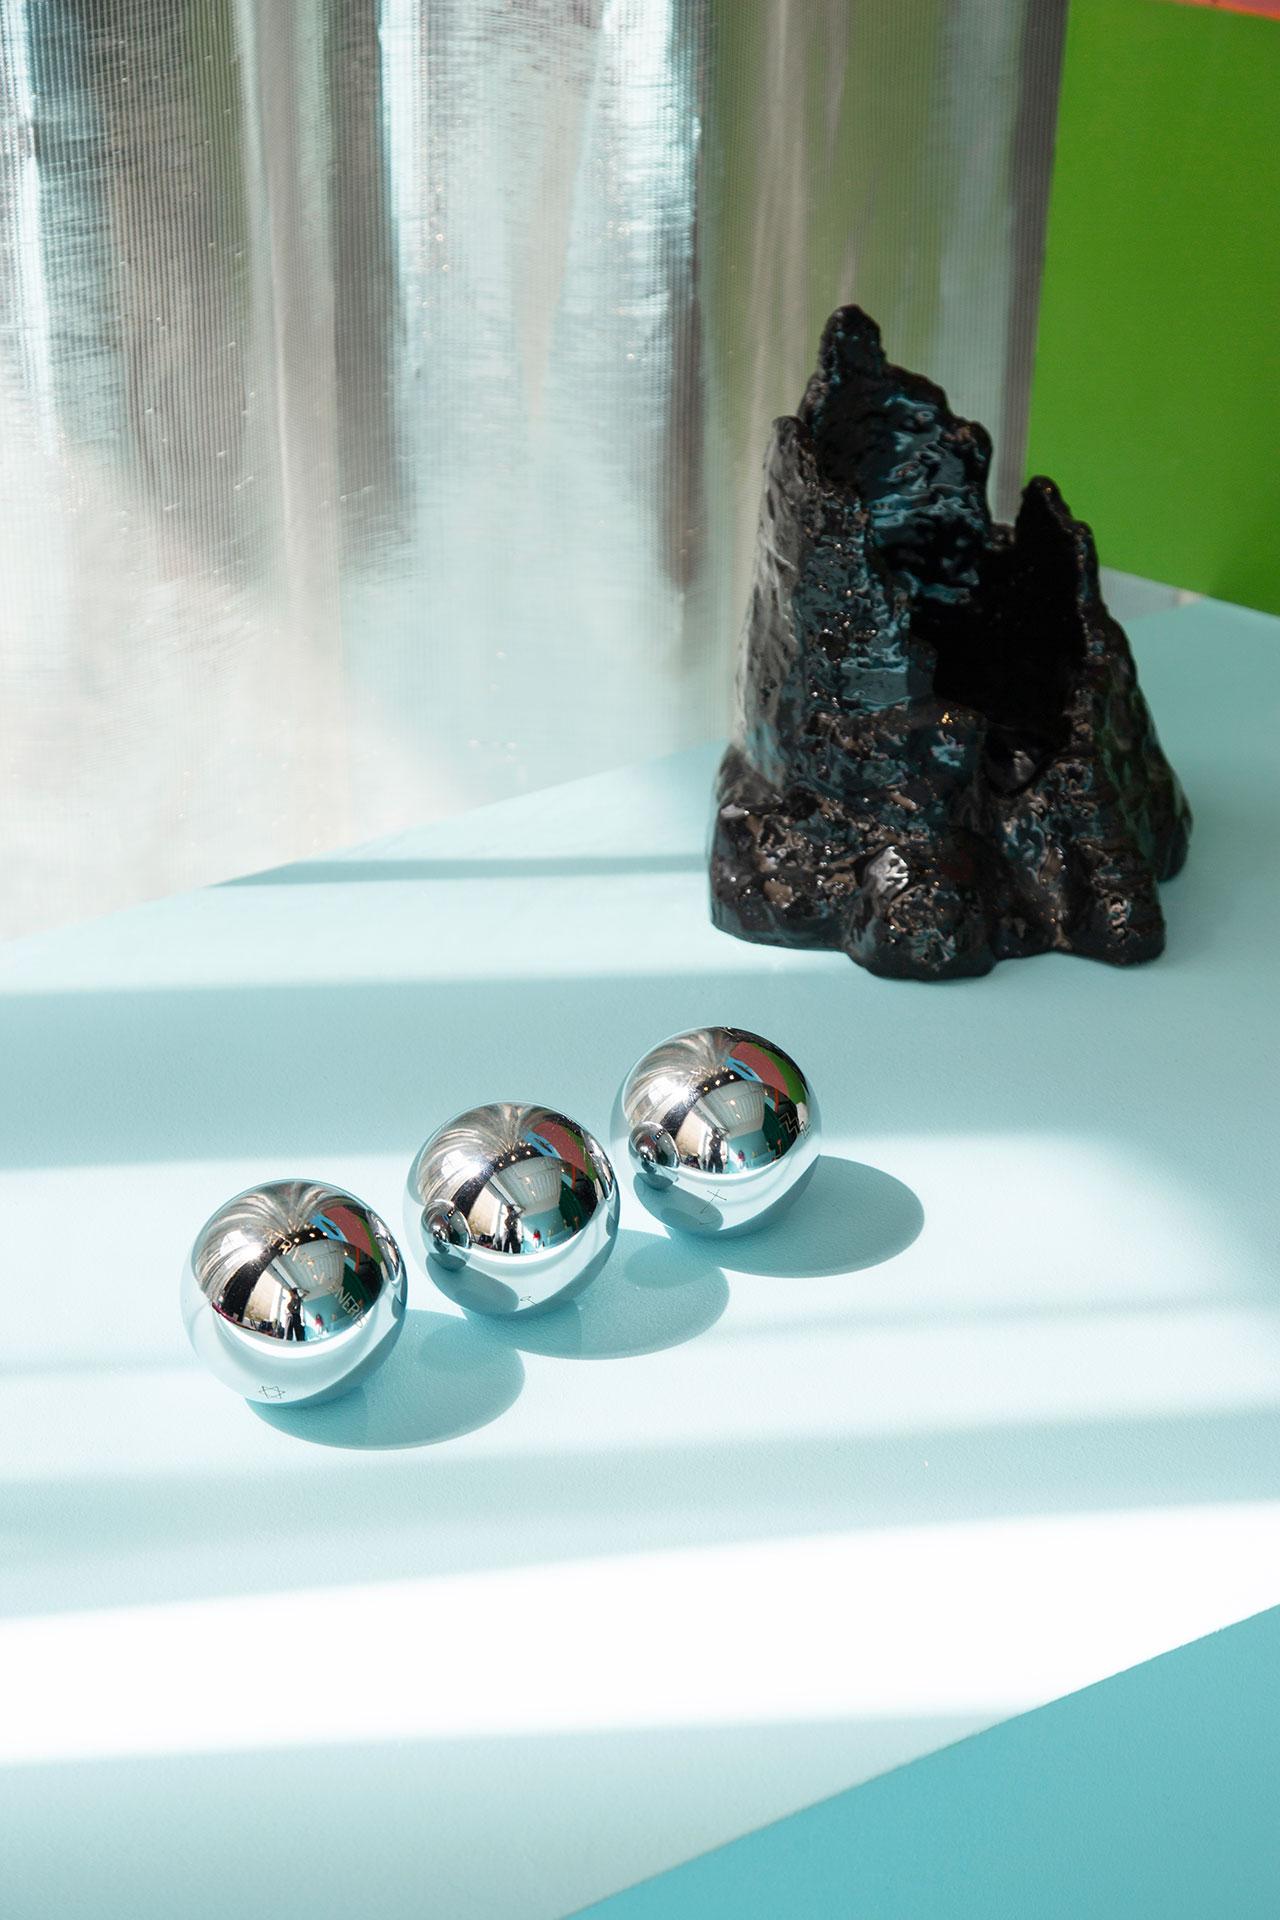 """""""Triplette Alchimique"""" pétanque balls byRenaud Perriches and""""Grotte à savon"""" soap dish byFlorian Bézu.Photography © Émile Kirsch."""